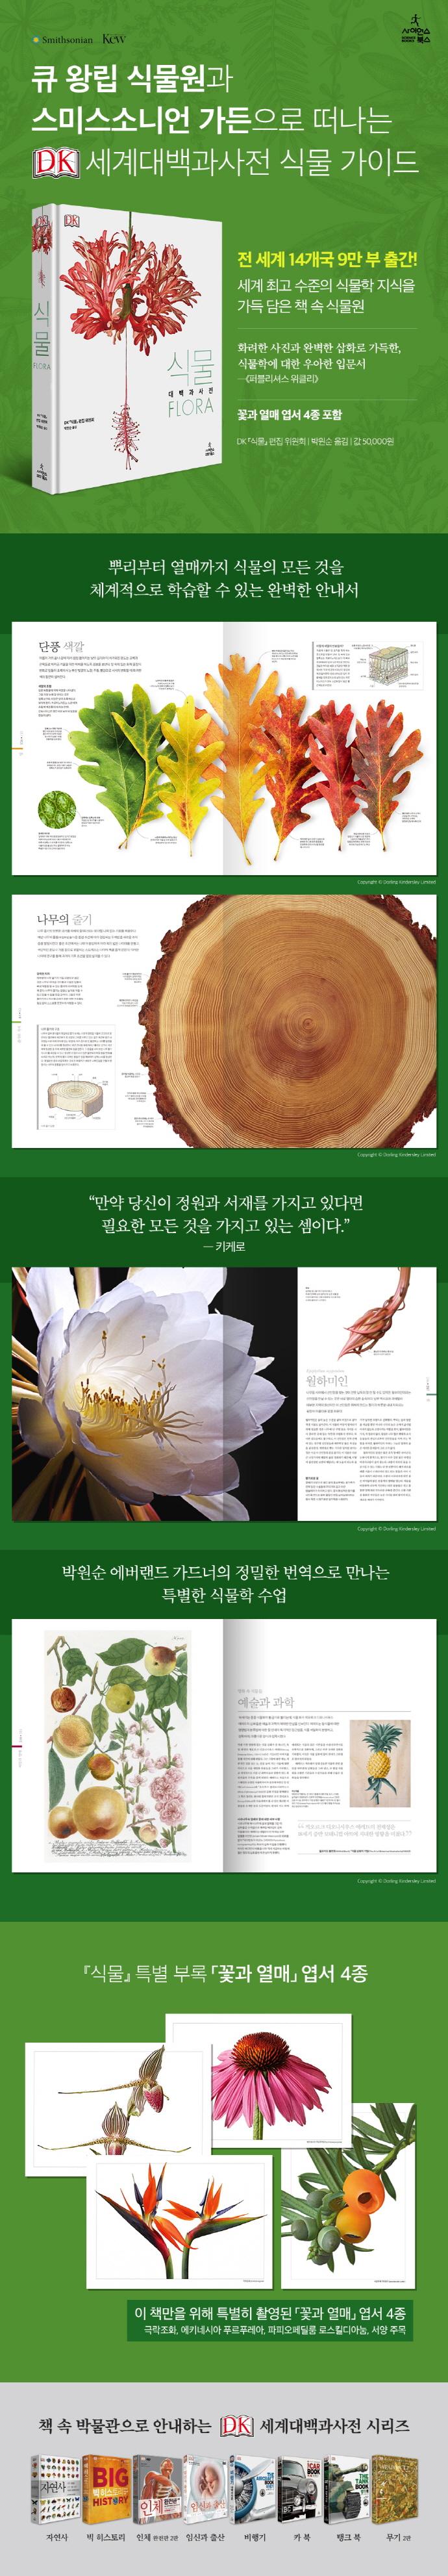 식물(Flora)(DK 대백과사전)(양장본 HardCover) 도서 상세이미지